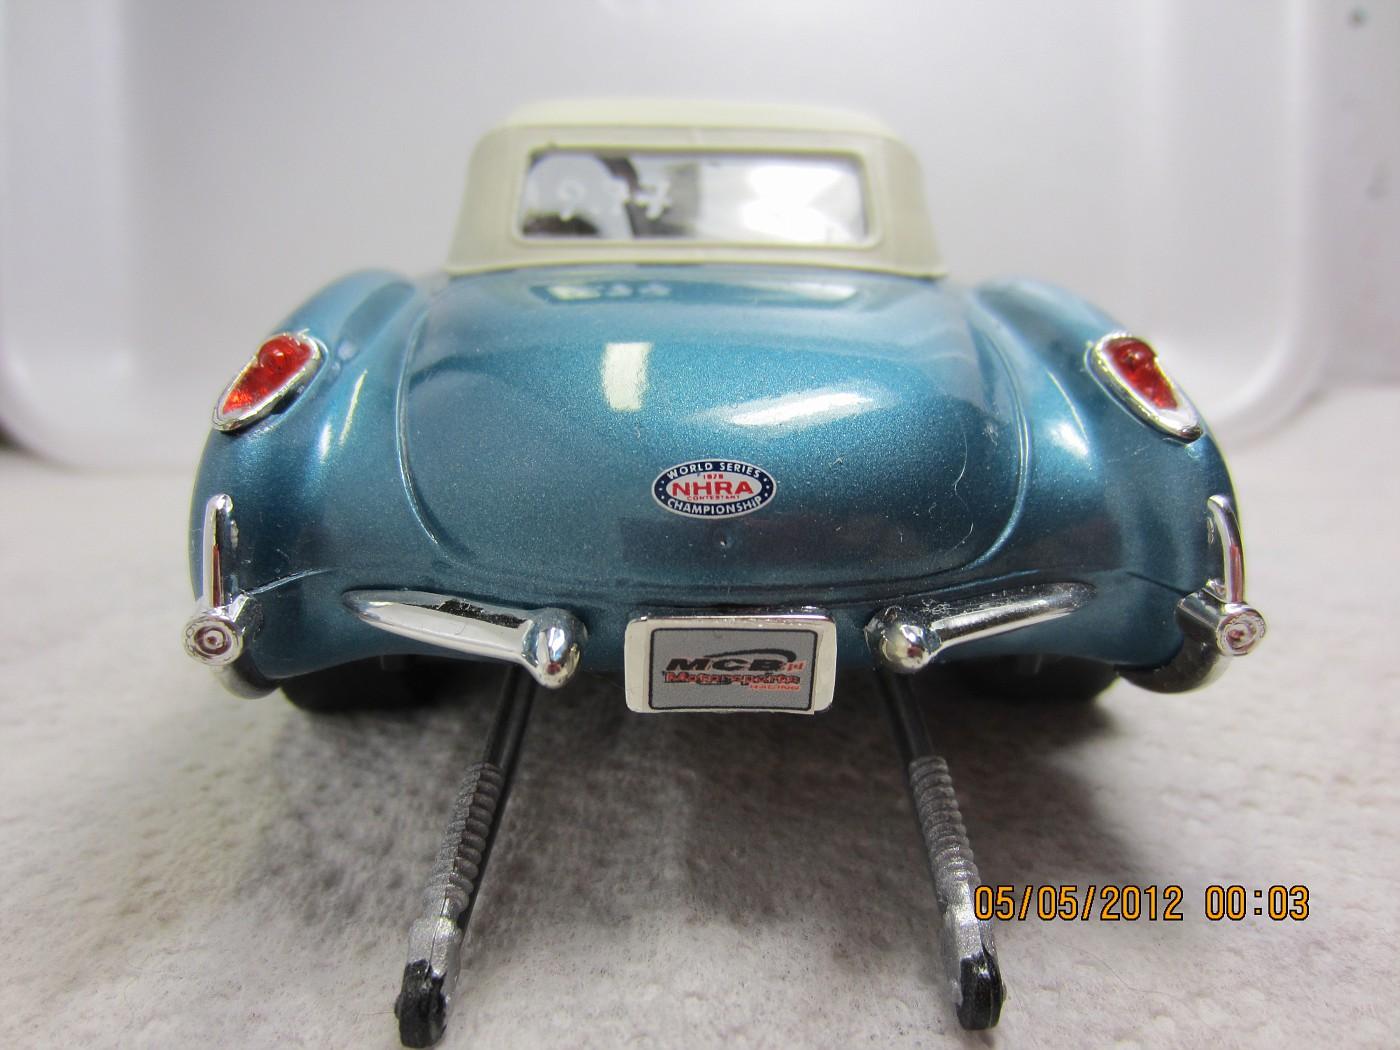 1957 Corvette Super Street NHRA De nouvelles photos! 023-vi